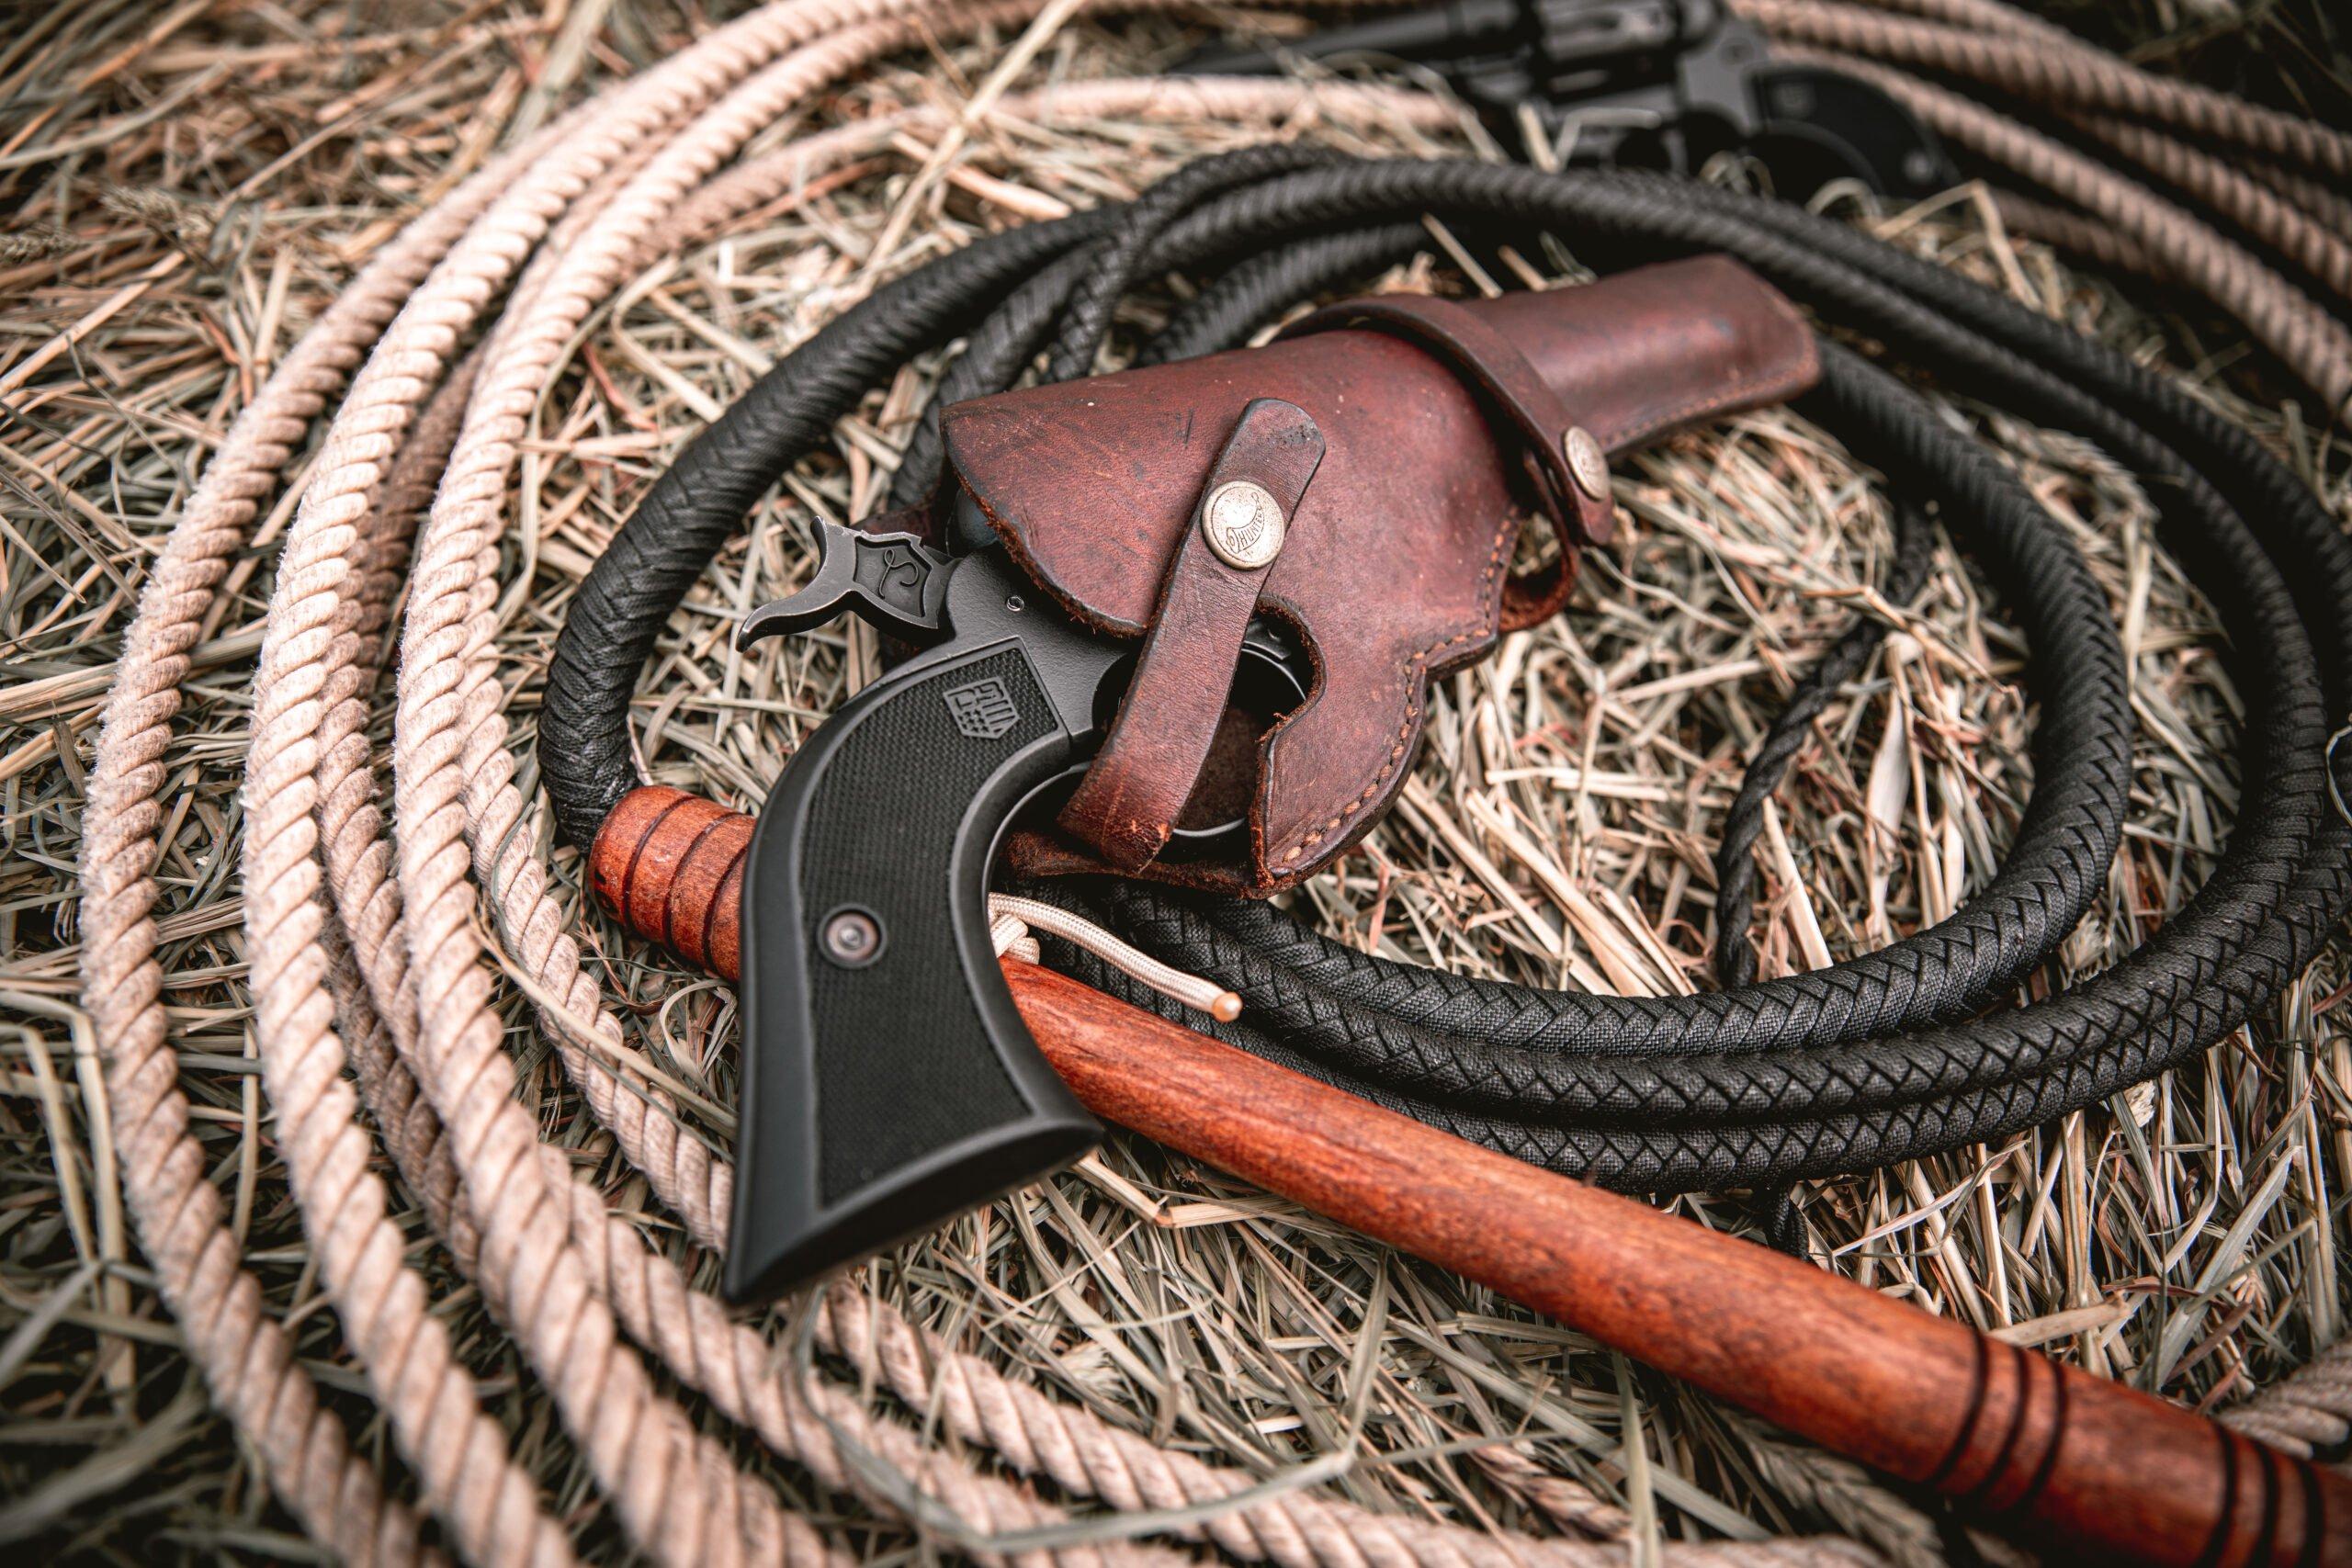 diamondback firearms sidekick 22lr 22mag double action revolver cowboy gun